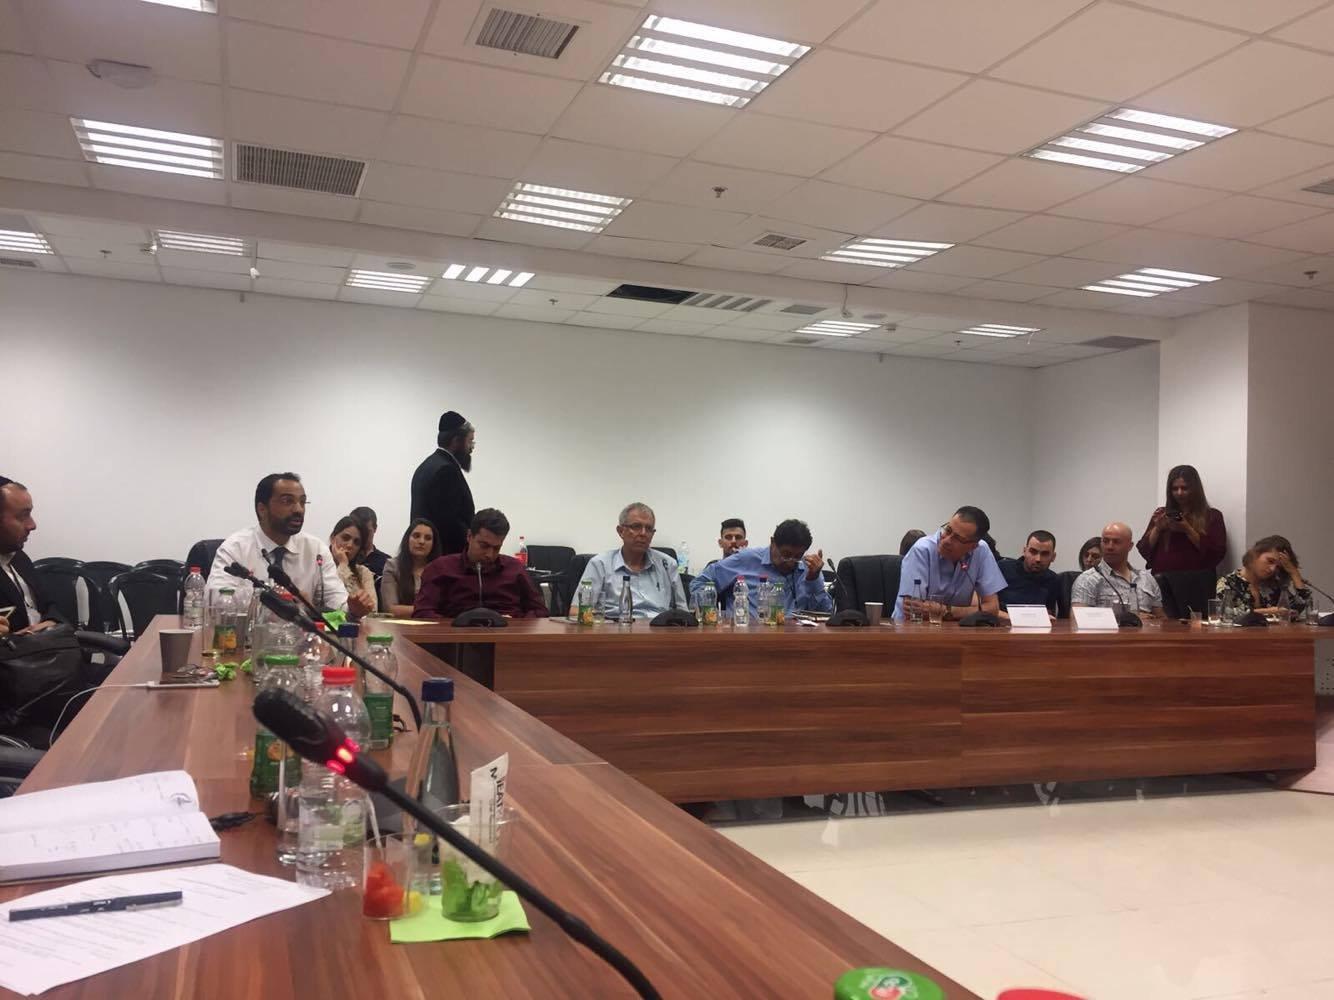 الاقتصادي وائل كريم: حلمنا الكبير هو توسيع دائرة الاقتصاد داخل المجتمع العربي